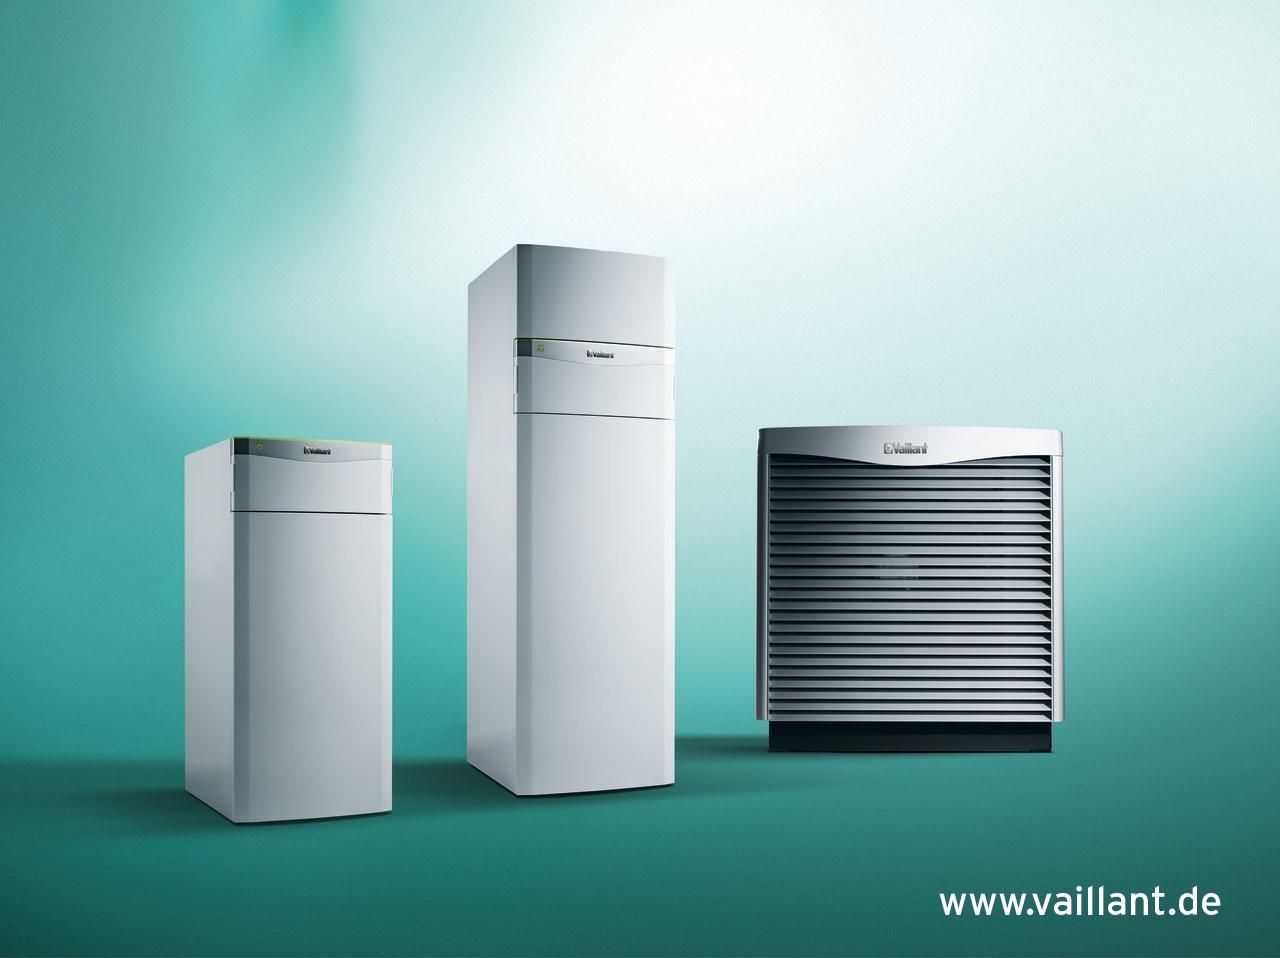 Vaillant VAILLANT Paket 4.44 flexoTHERM VWF 157 /4 mit aroCOLLECT Luft/Wasser